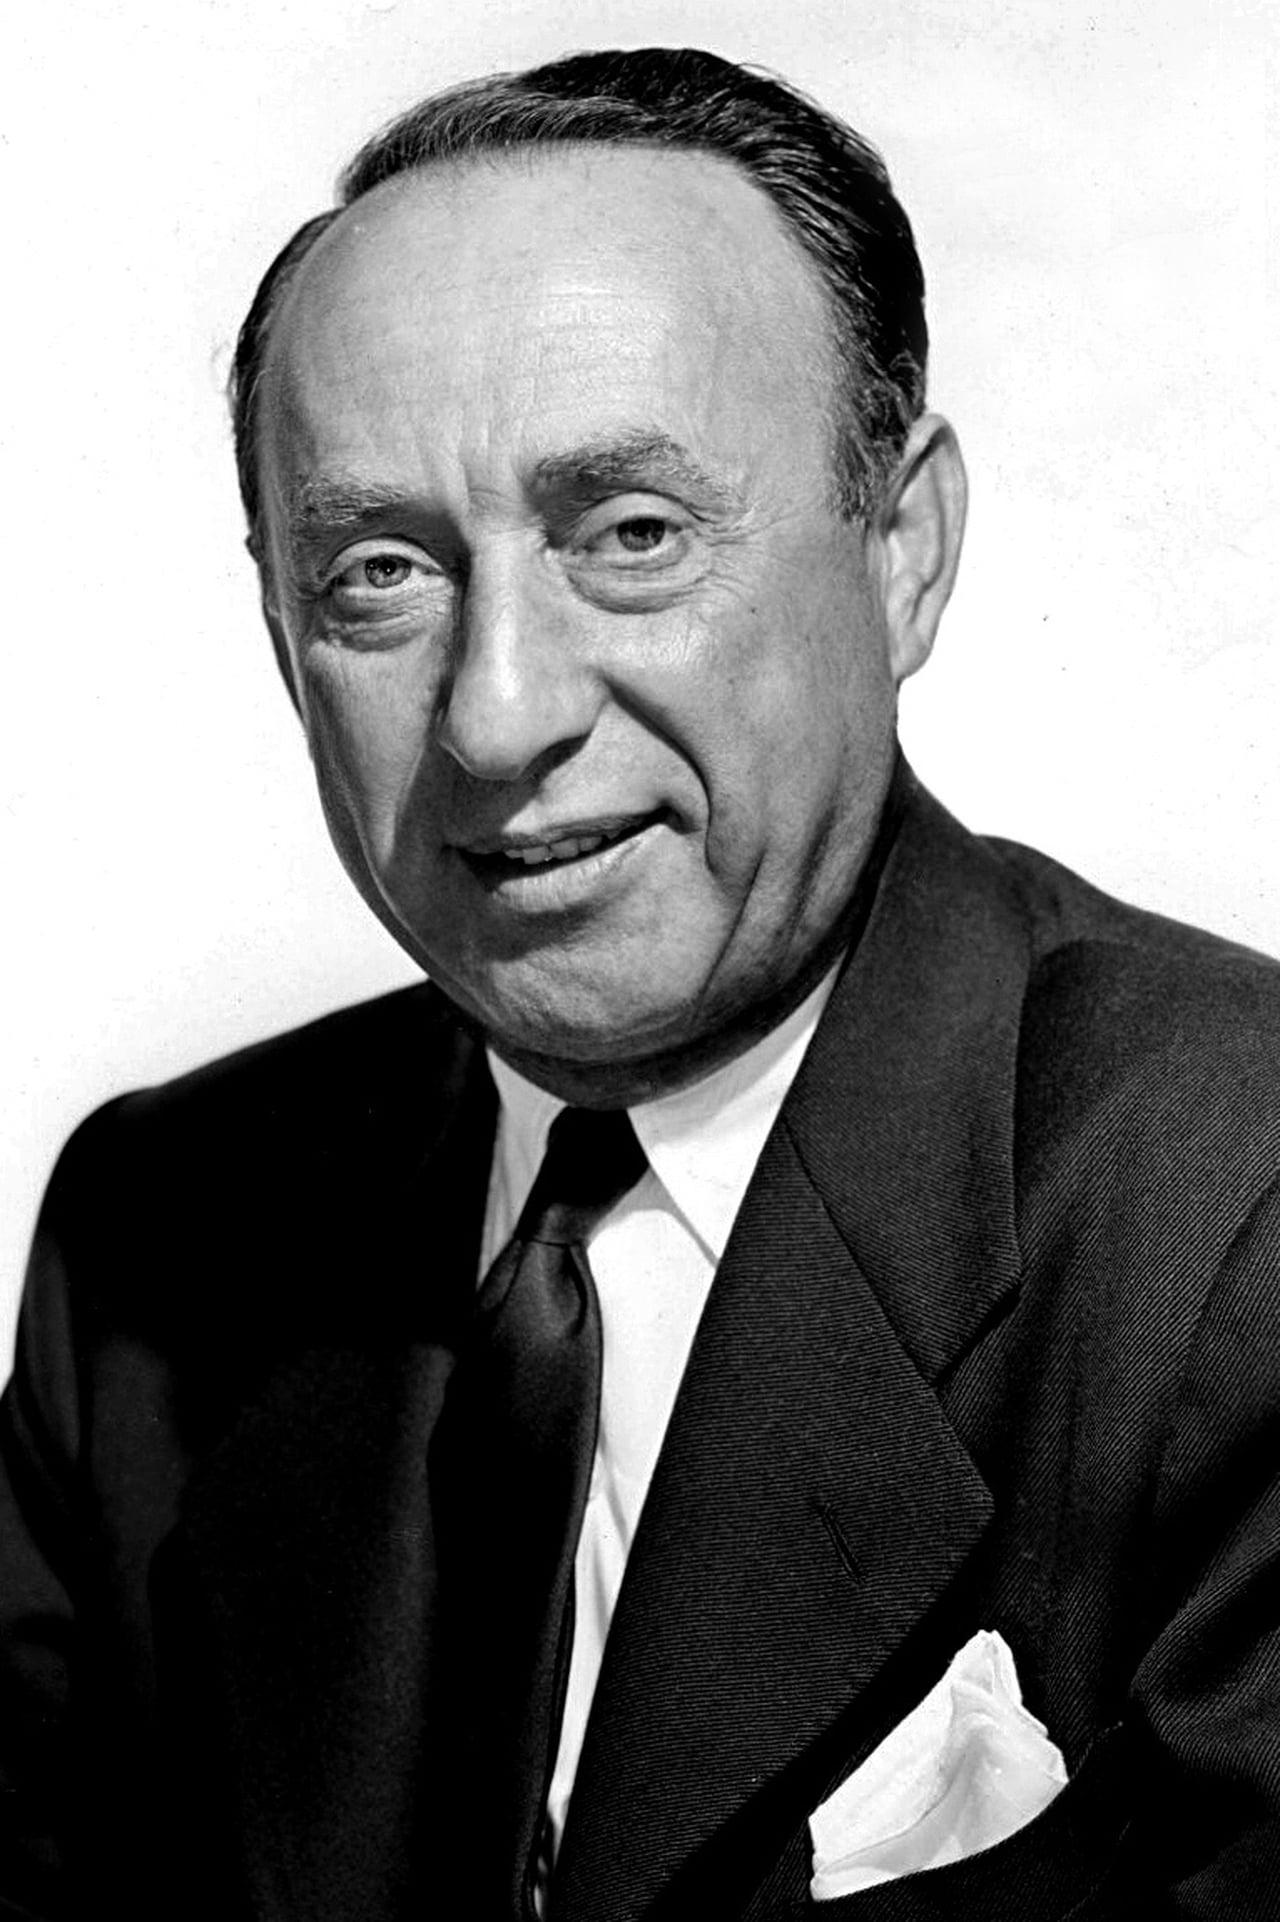 Joe Pasternak